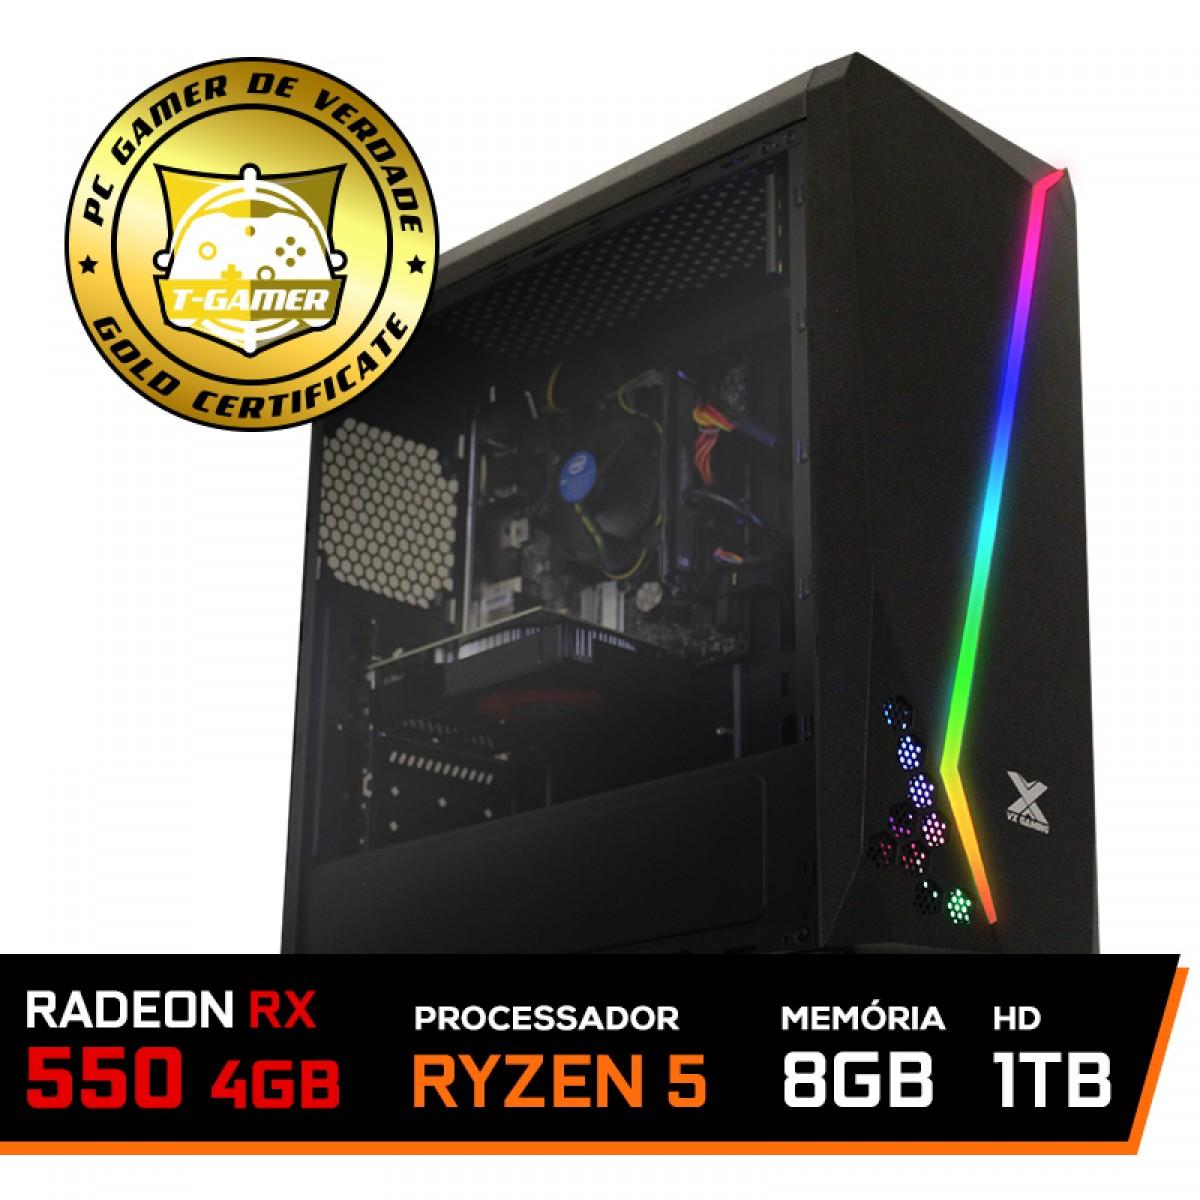 Pc Gamer Streamer Amd Ryzen 5 2400G / Radeon RX 550 4GB / DDR4 8GB / HD 1TB / 500W